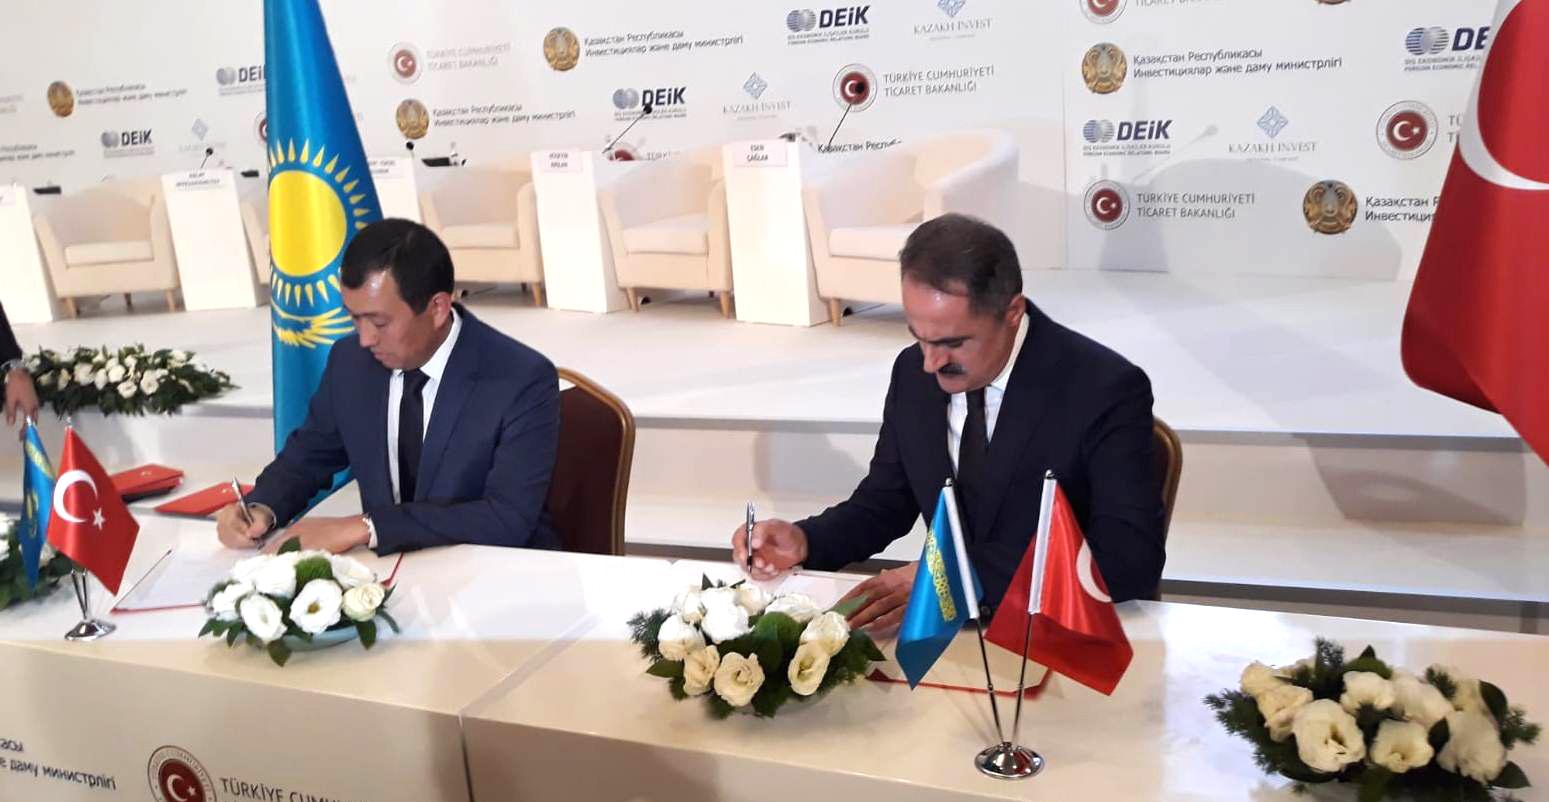 Железнодорожные администрации Казахстана и Турции подписали в Анкаре соглашение о стратегическом сотрудничестве